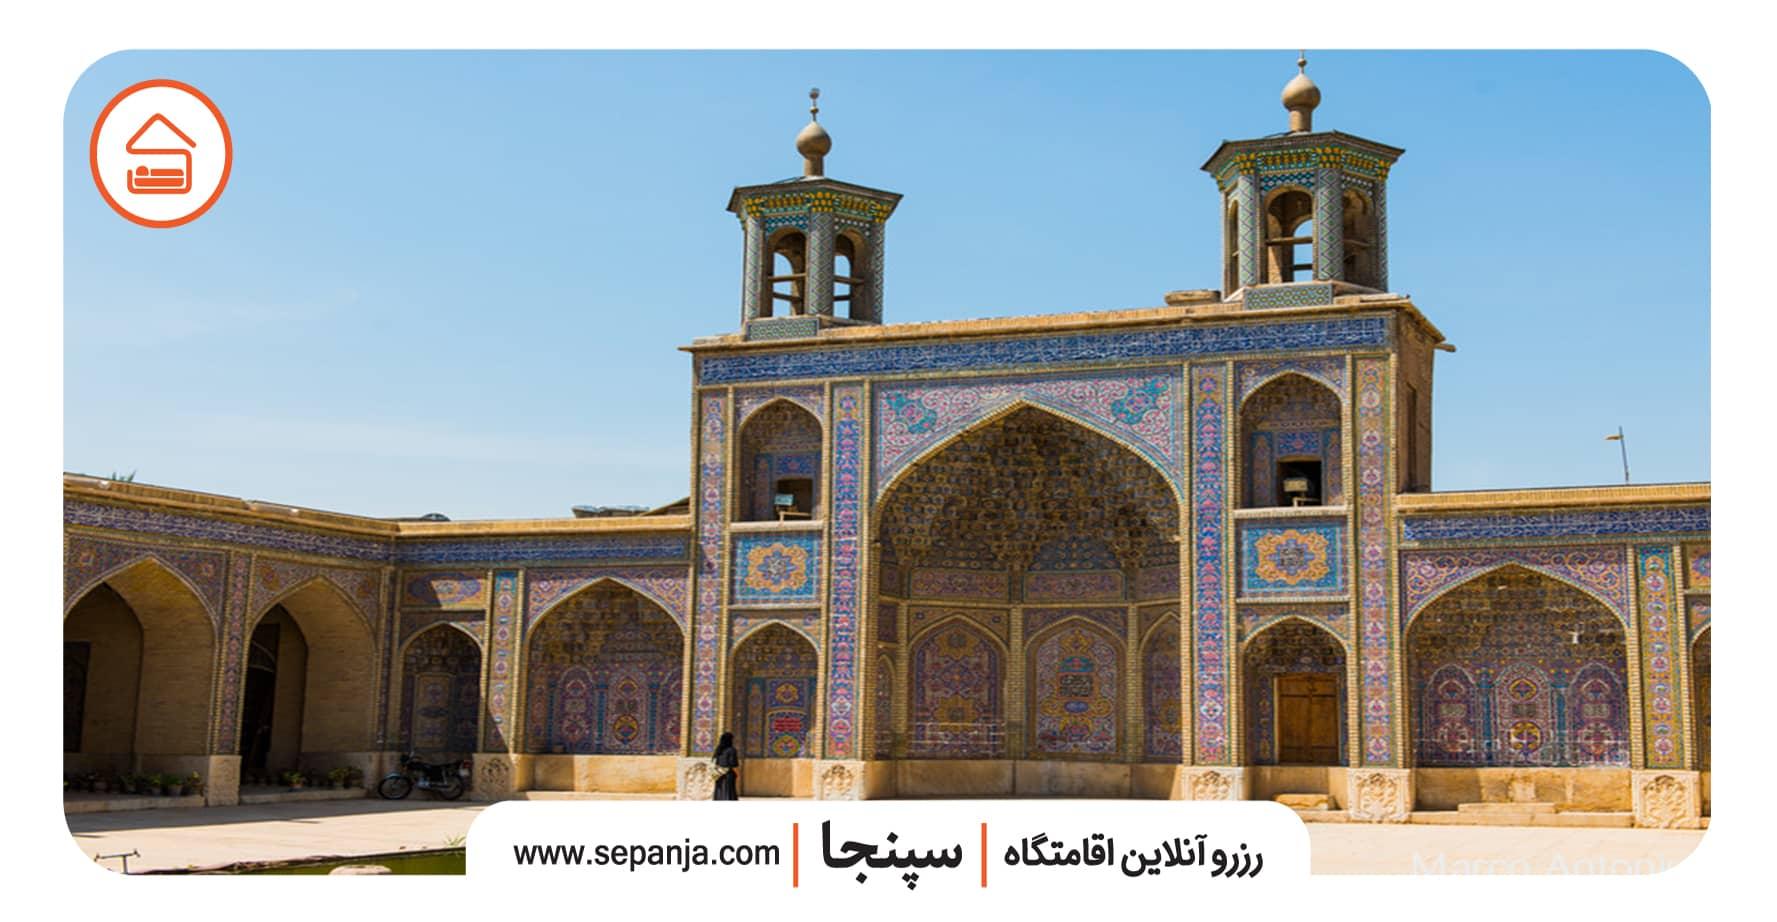 نمایی از مسجد نصیر الملک در شهر شیراز